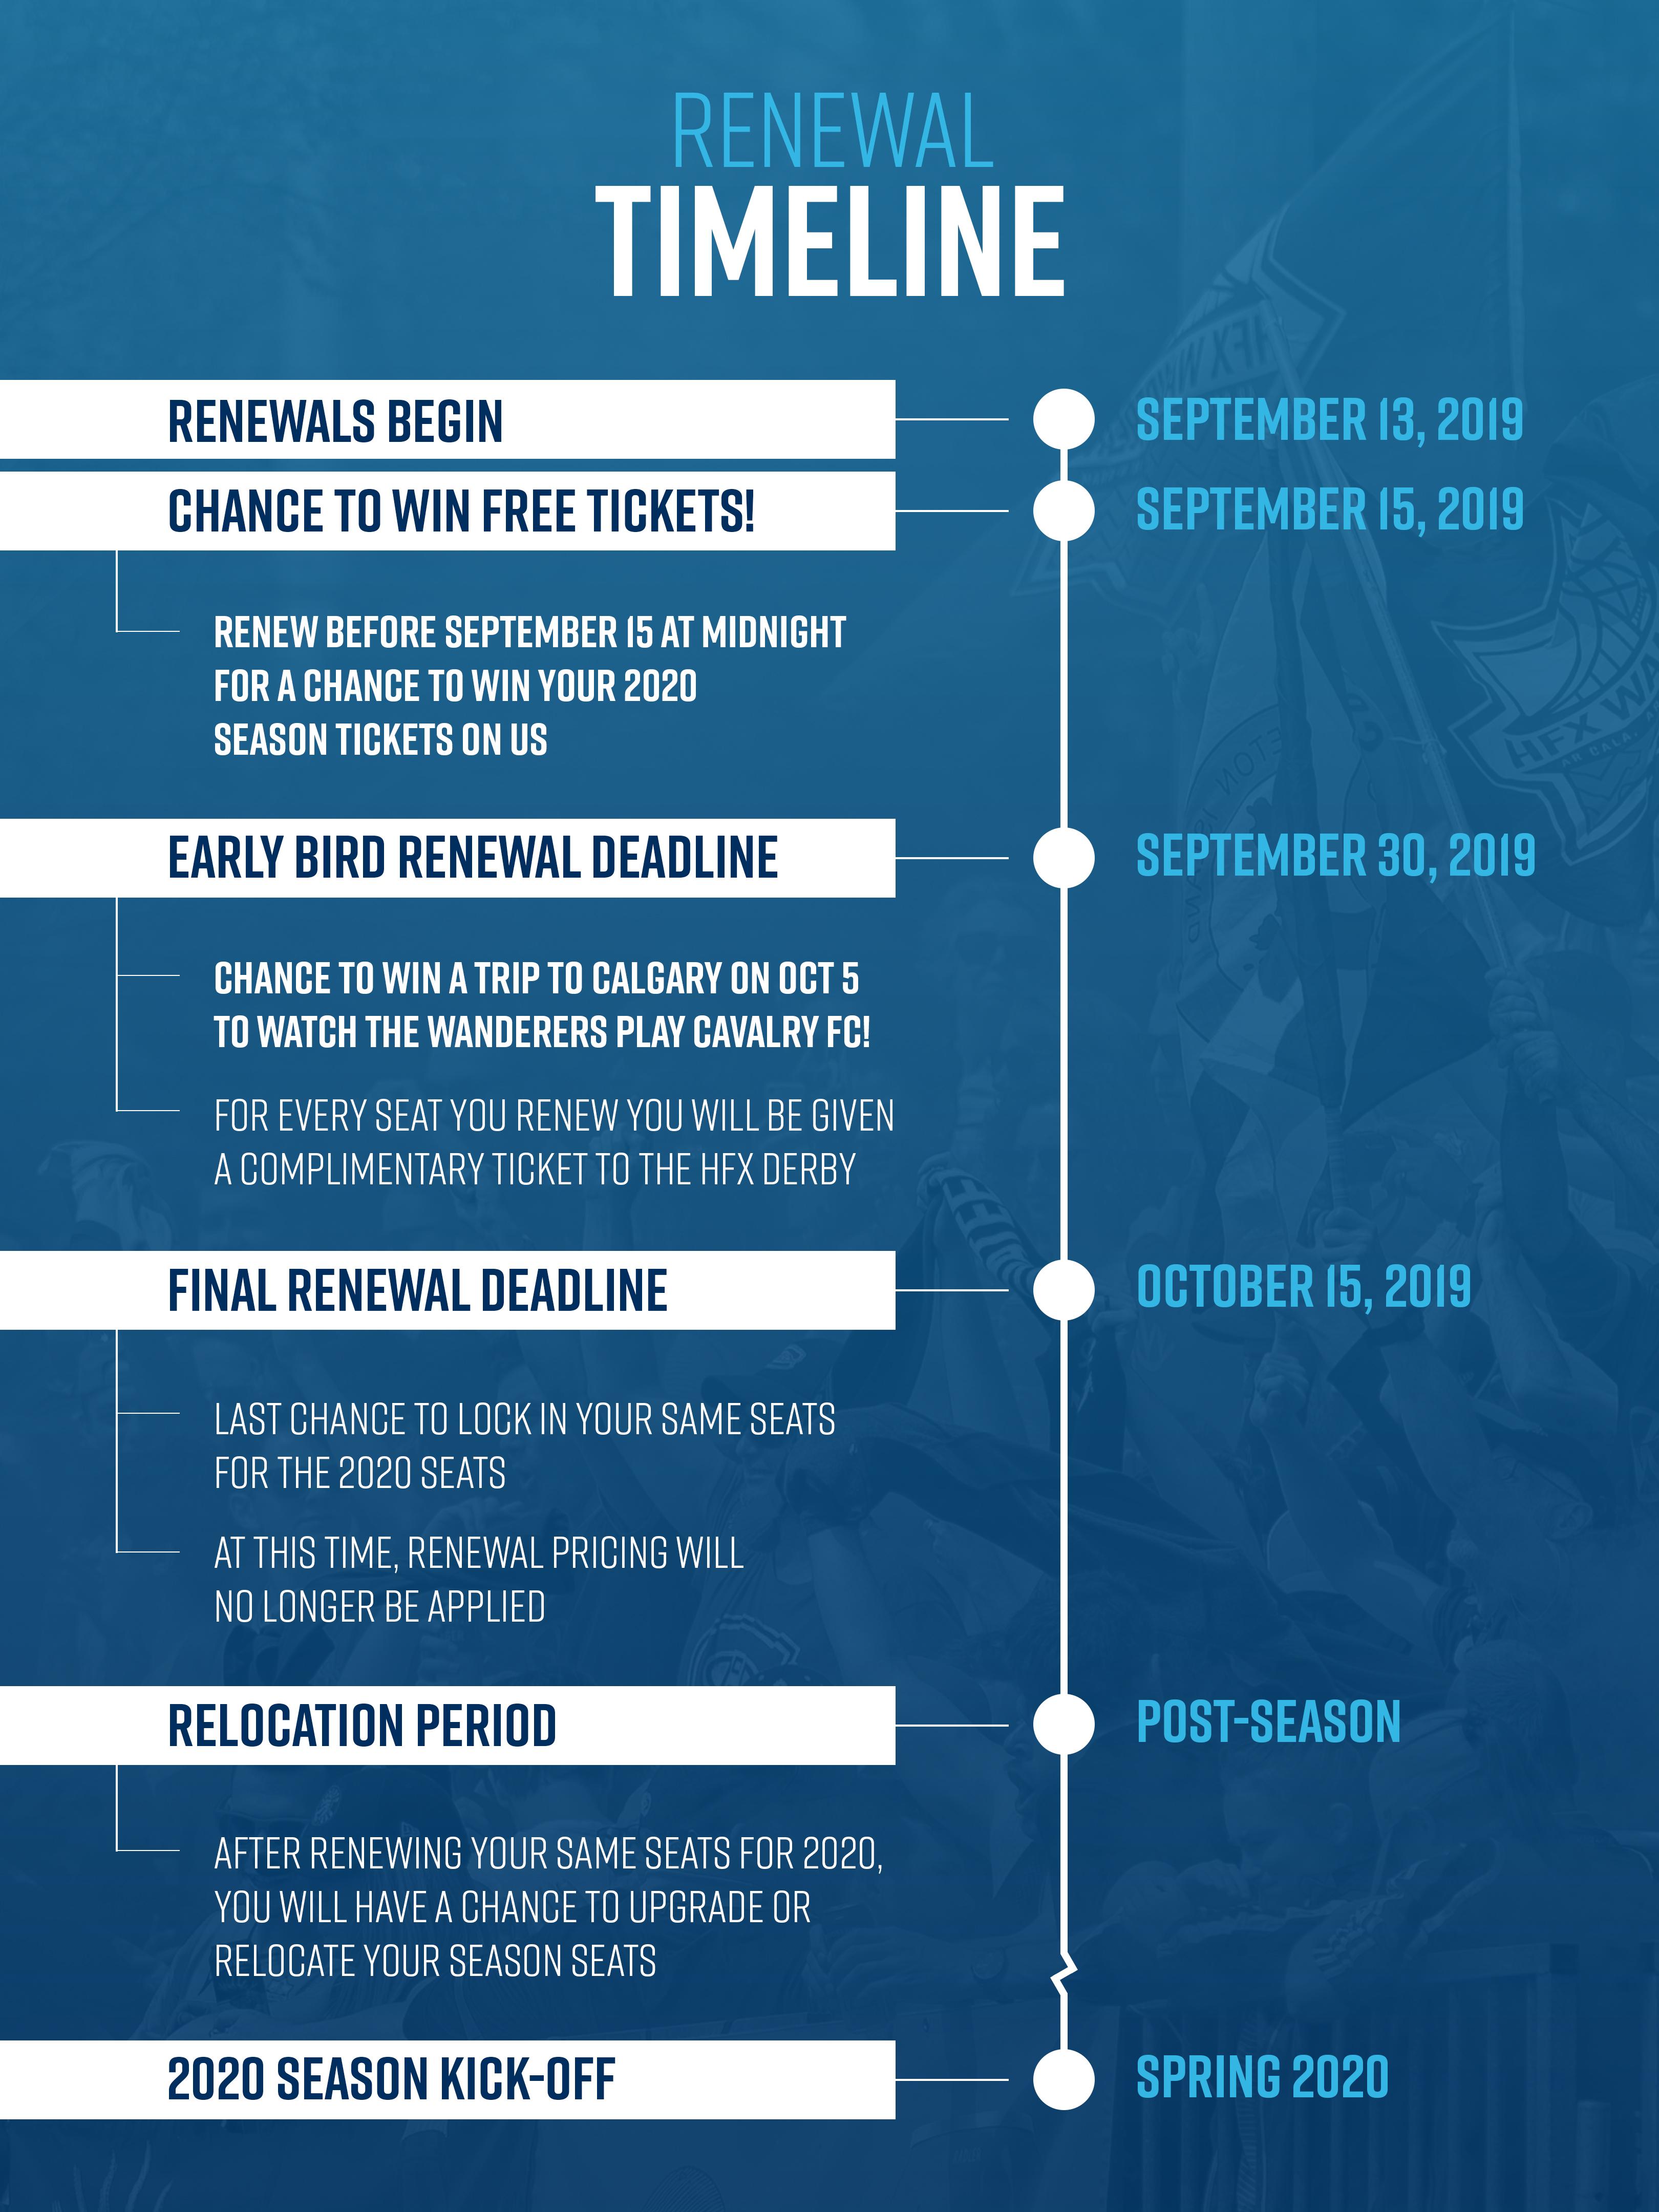 renewal_timeline7